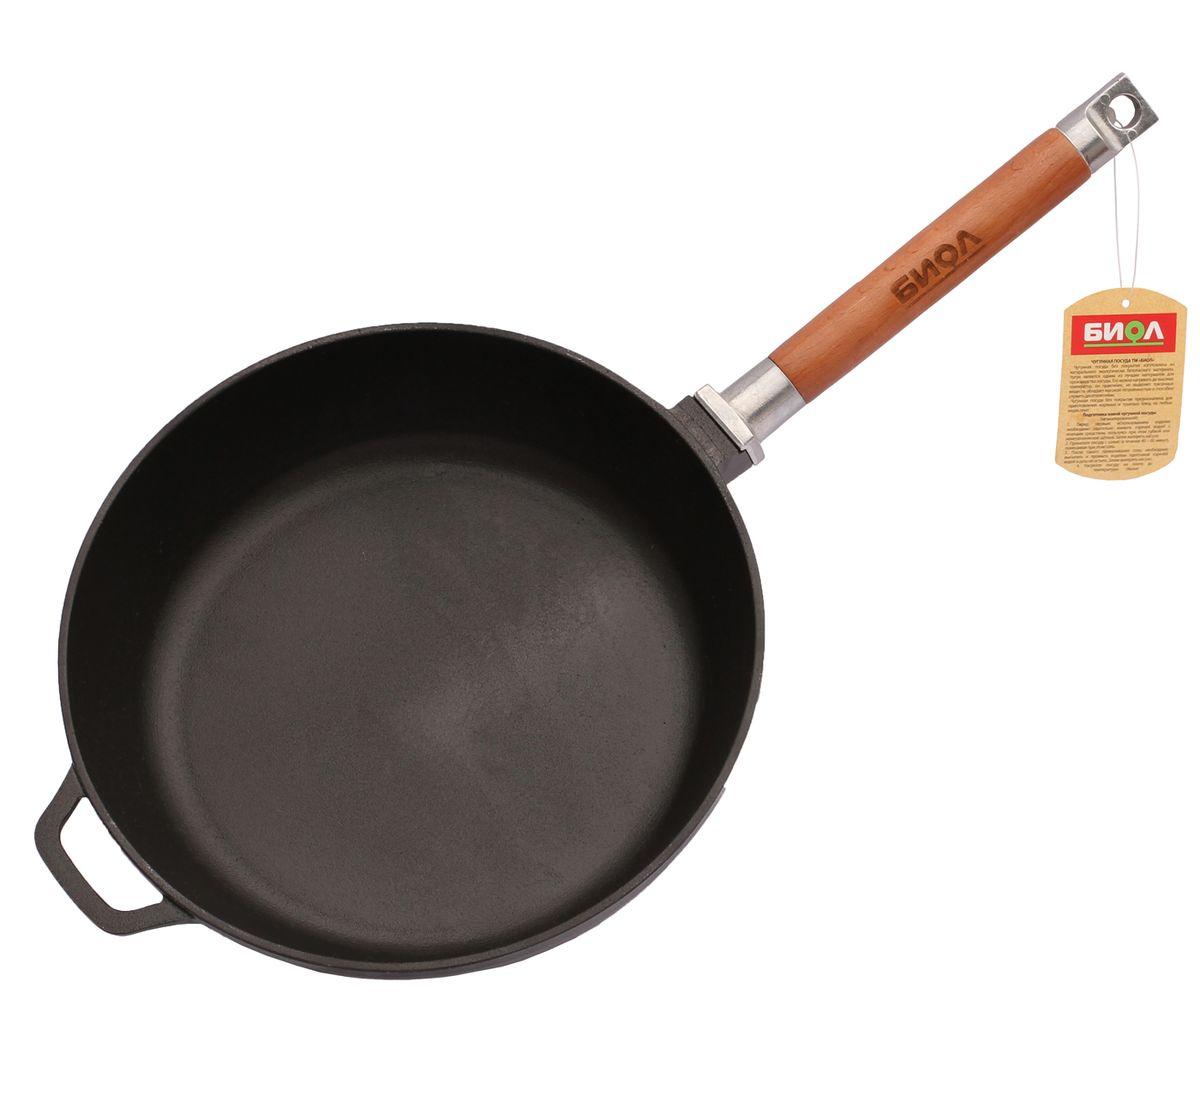 Сковорода чугунная Биол, со съемной ручкой. Диаметр 26 см0326Сковорода Биол изготовлена из натурального экологически безопасного чугуна. Чугун является одним из лучших материалов для производства посуды. Сковороду можно нагревать до высоких температур, она практична, не выделяет токсичных веществ, обладает высокой теплоемкостью и способна служить десятилетиями. Сковорода оснащена съемной деревянной ручкой. При помощи вращательного движения ручка снимается и прикручивается. Подходит для всех типов плит, включая индукционные. Нельзя мыть в посудомоечной машине. Диаметр сковороды по верхнему краю: 26 см. Высота стенки: 6,5 см. Длина ручки: 21 см.